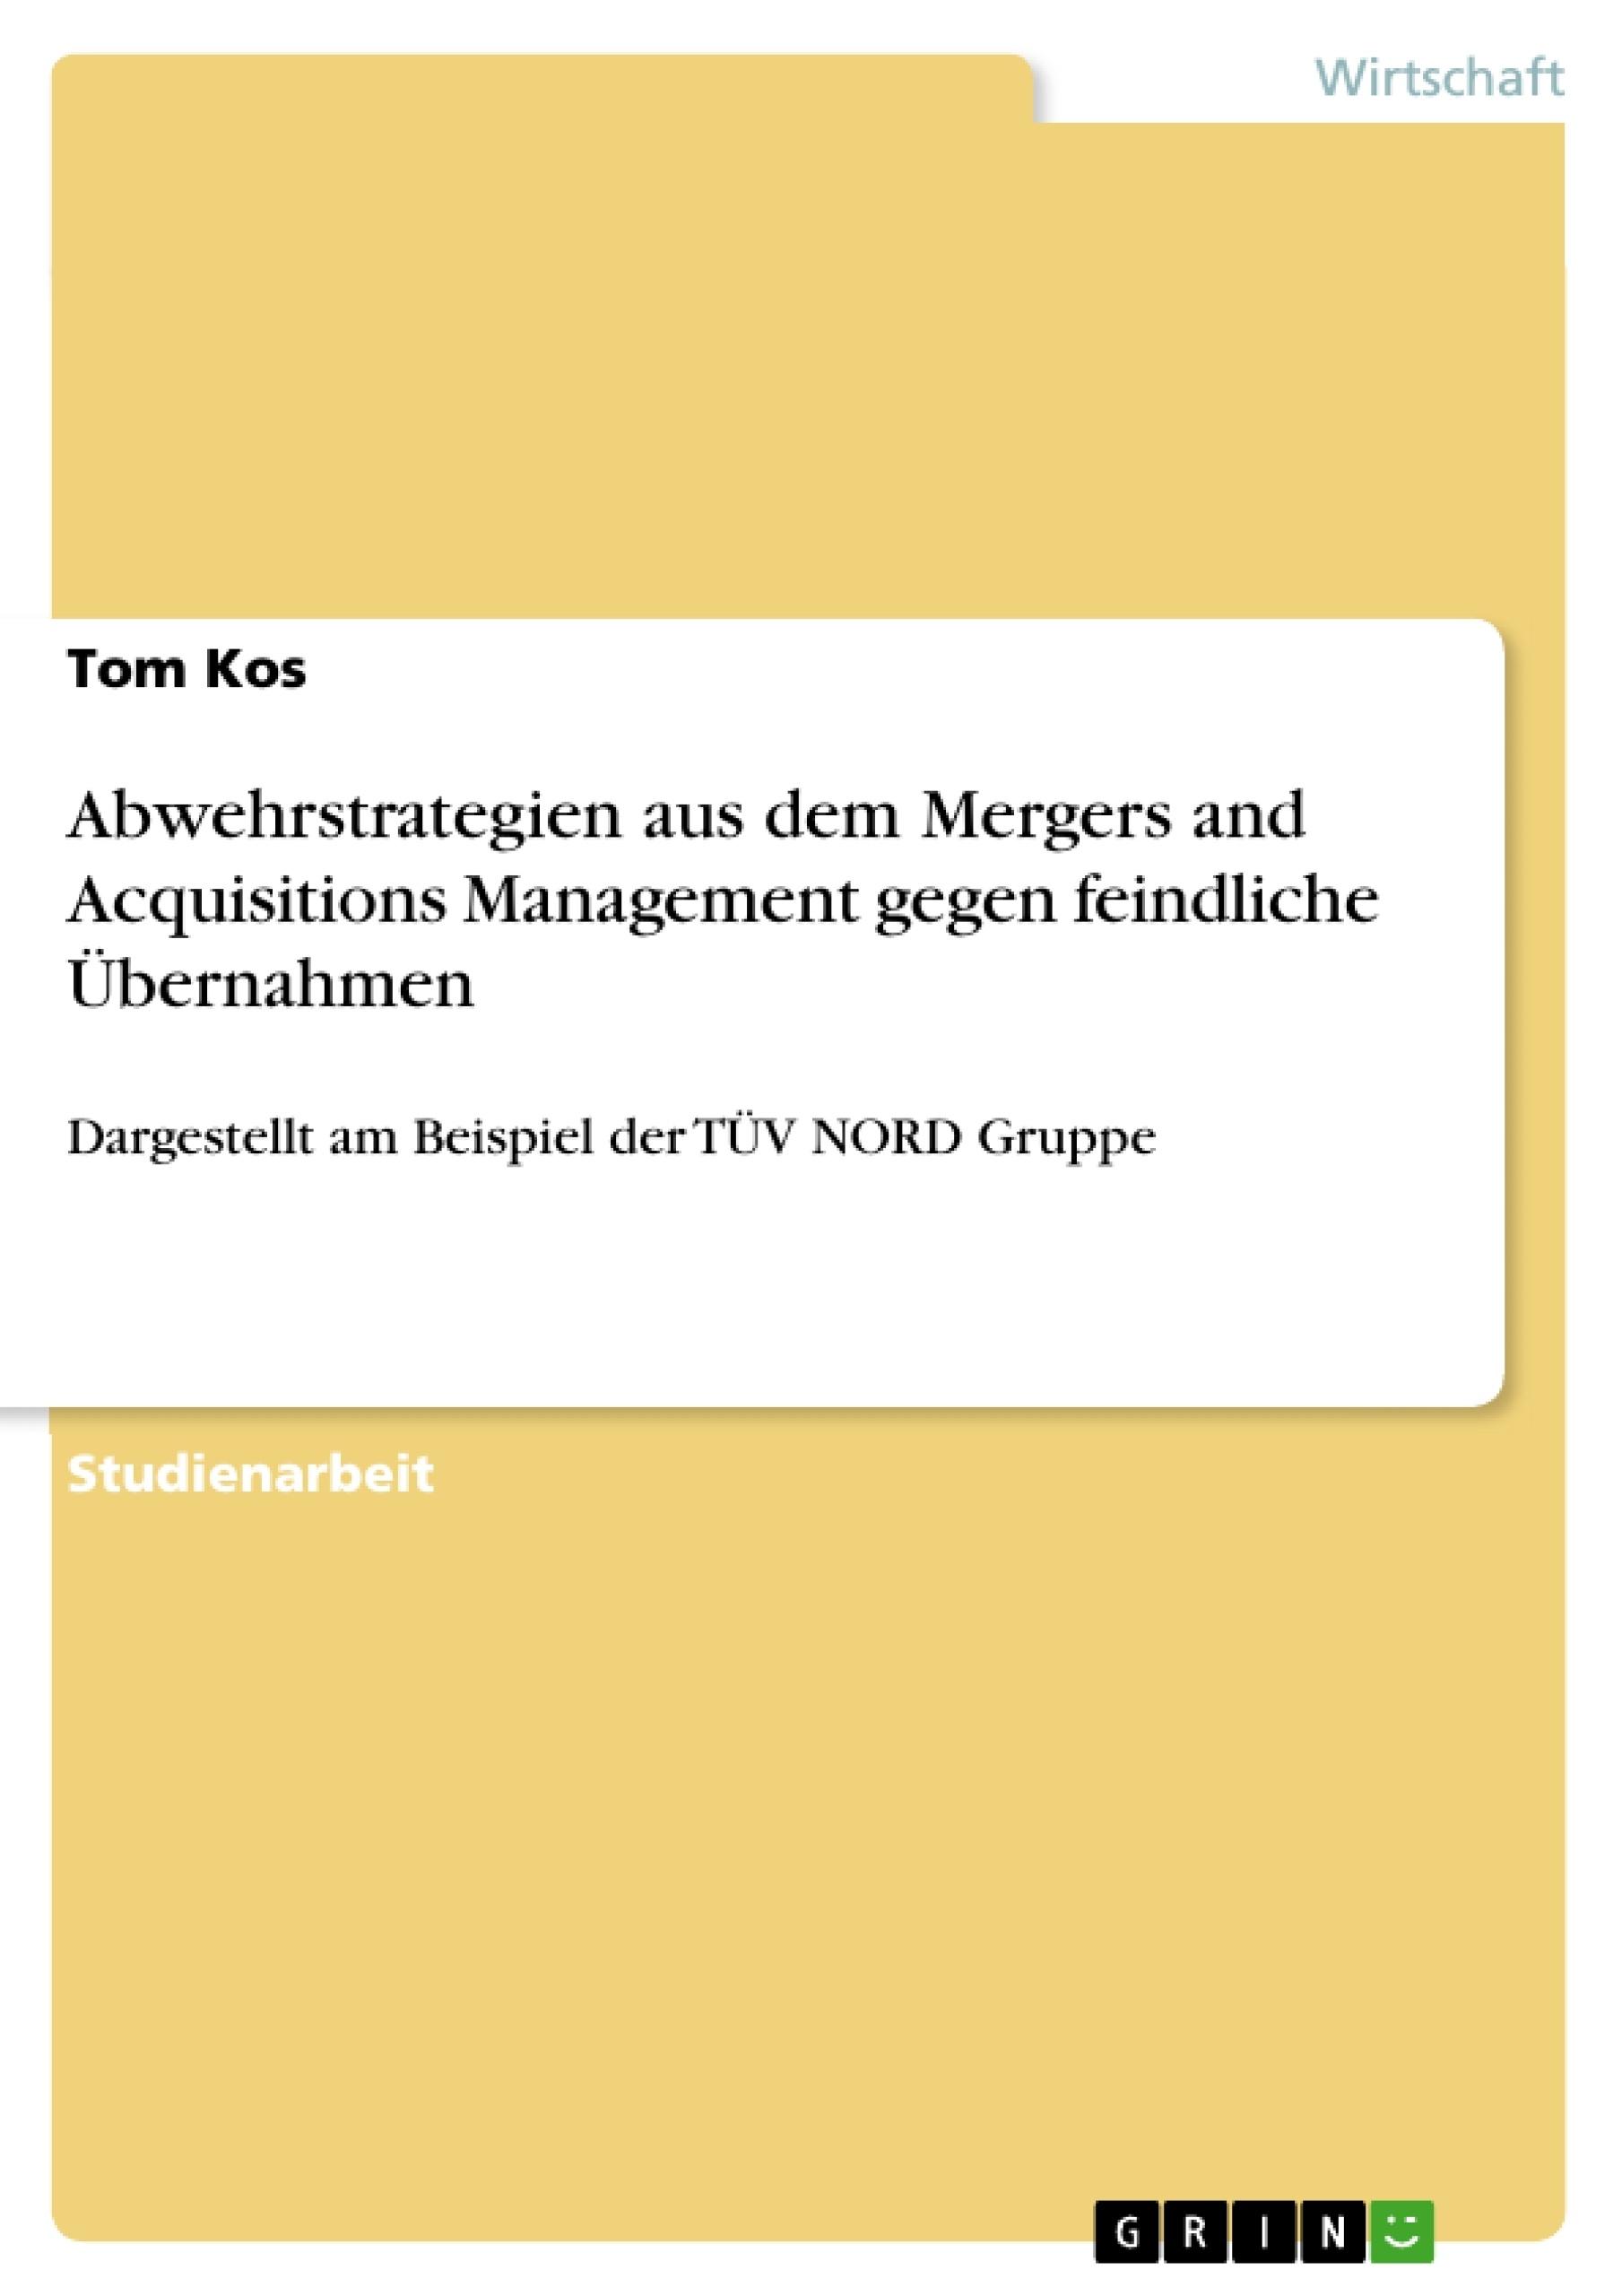 Titel: Abwehrstrategien aus dem Mergers and Acquisitions Management gegen feindliche Übernahmen